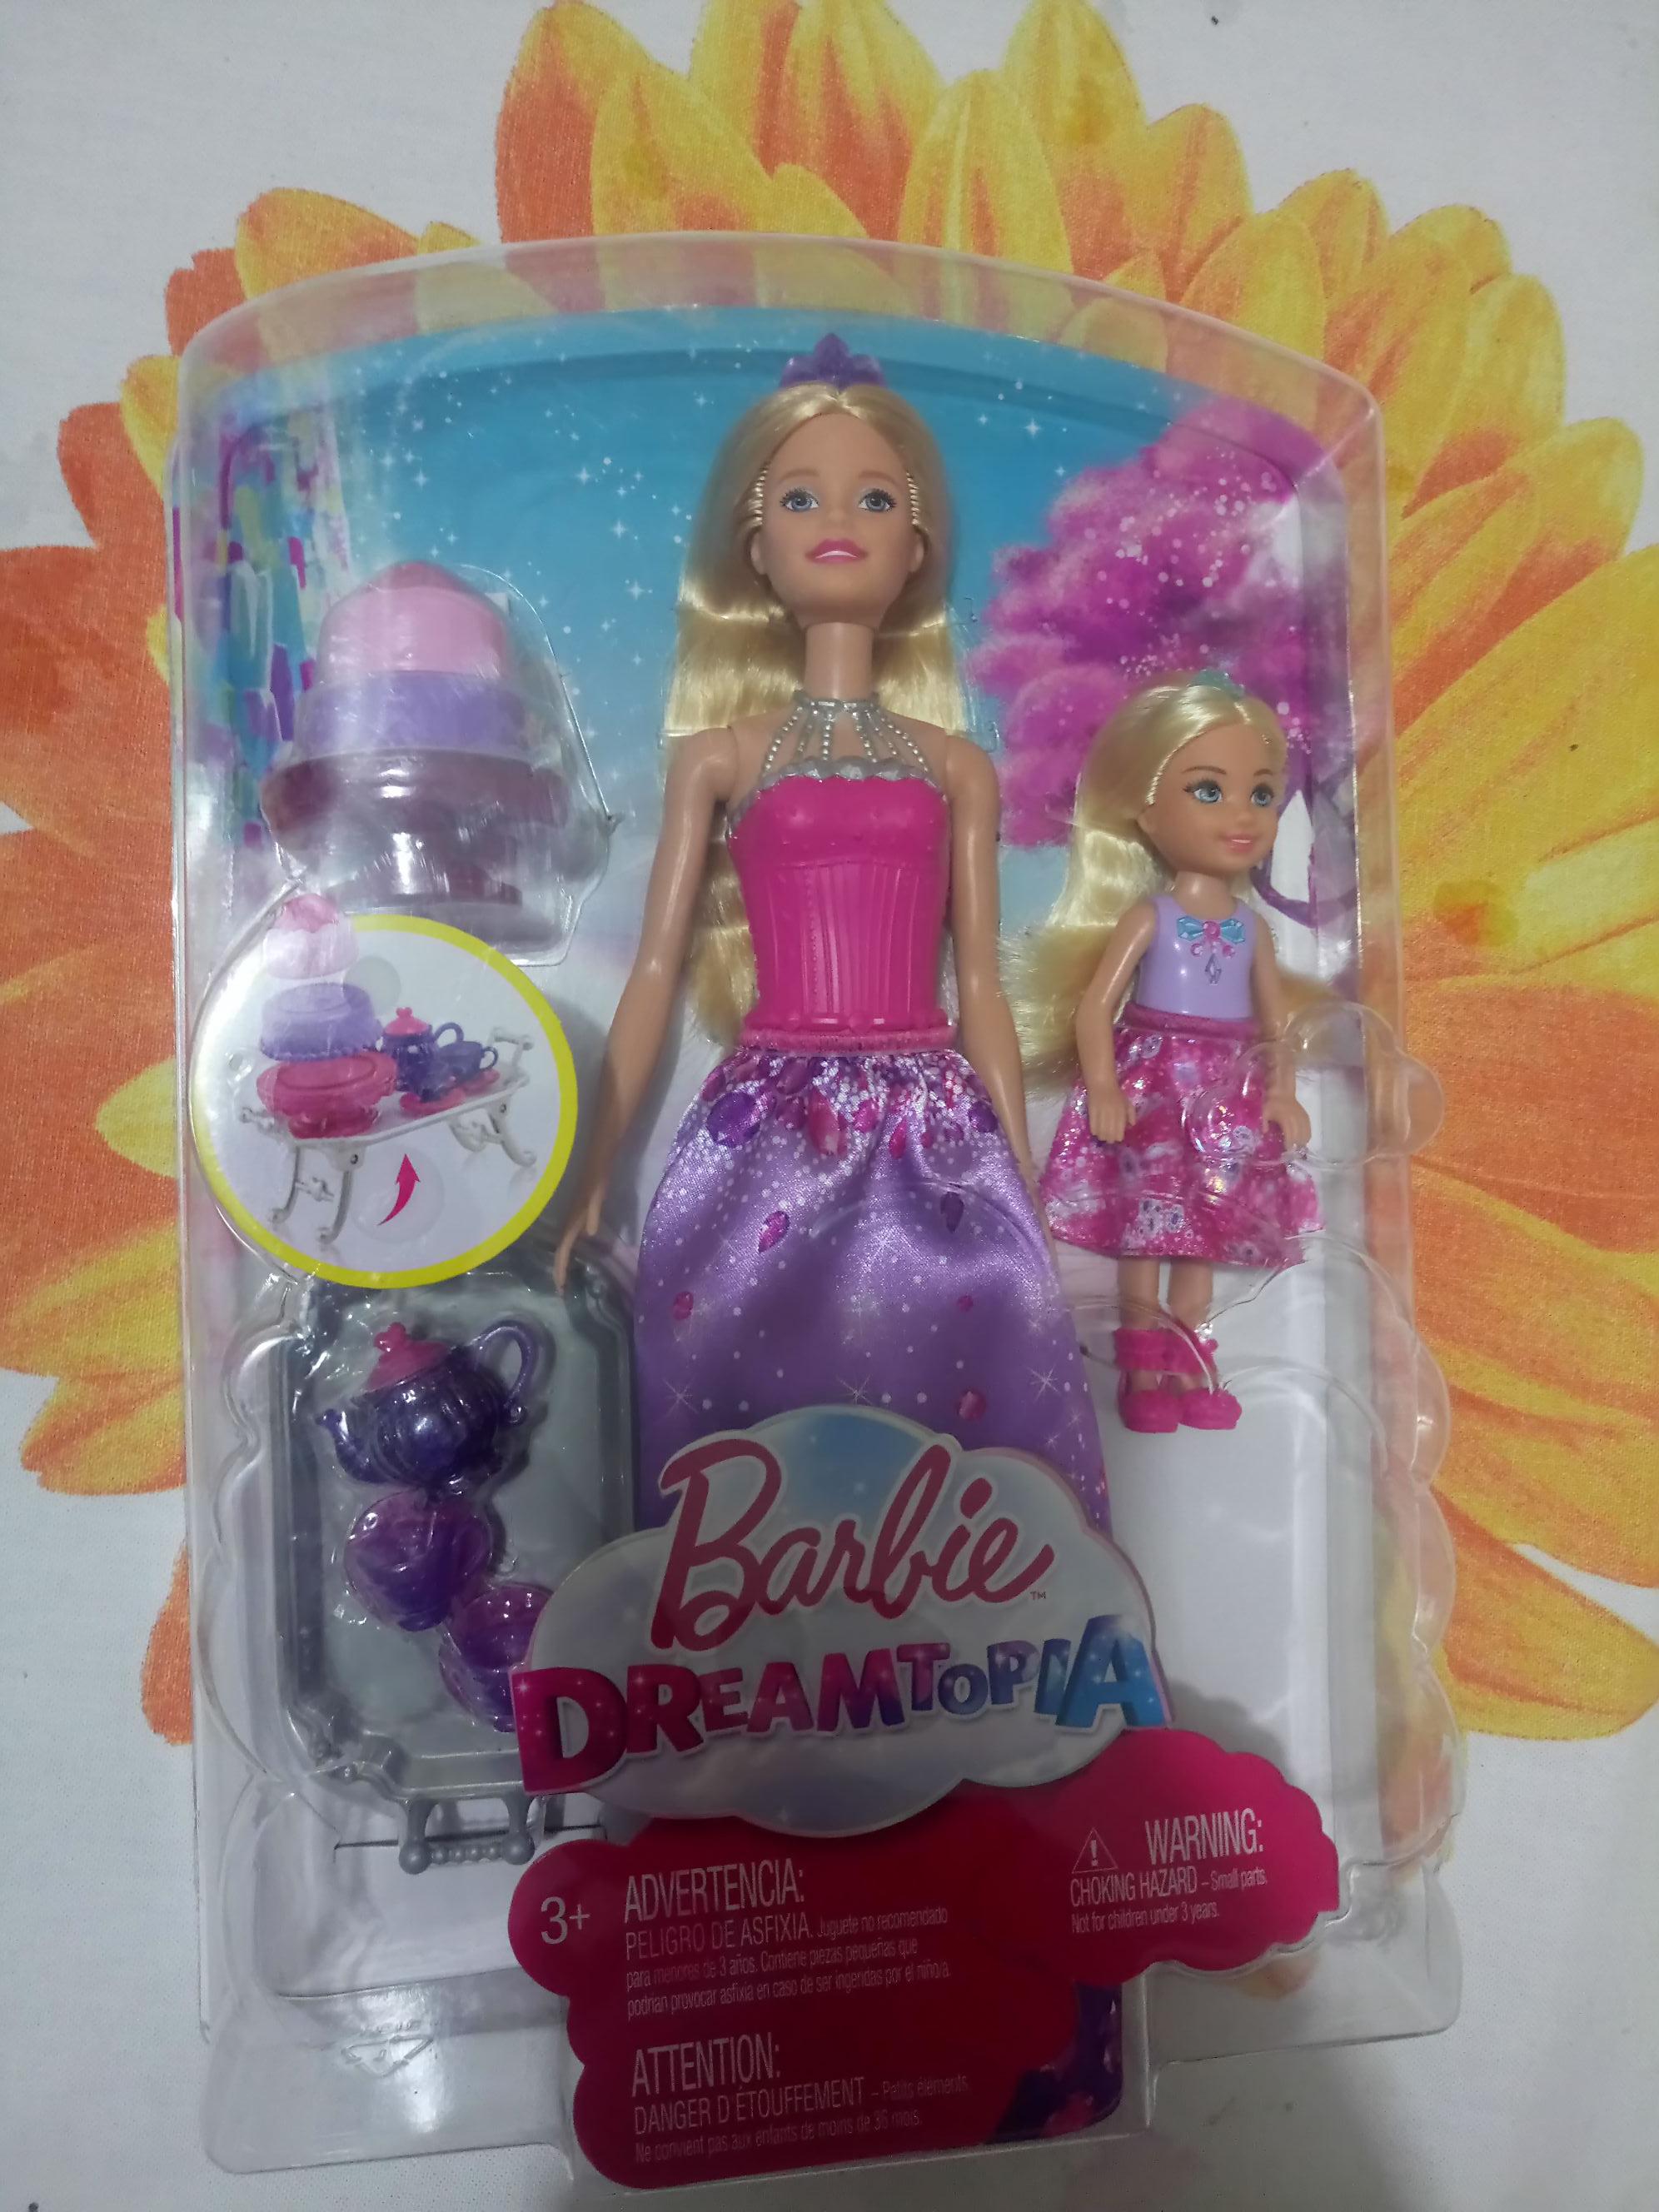 Bodega Aurrera: Muñeca Barbie dreamtopia